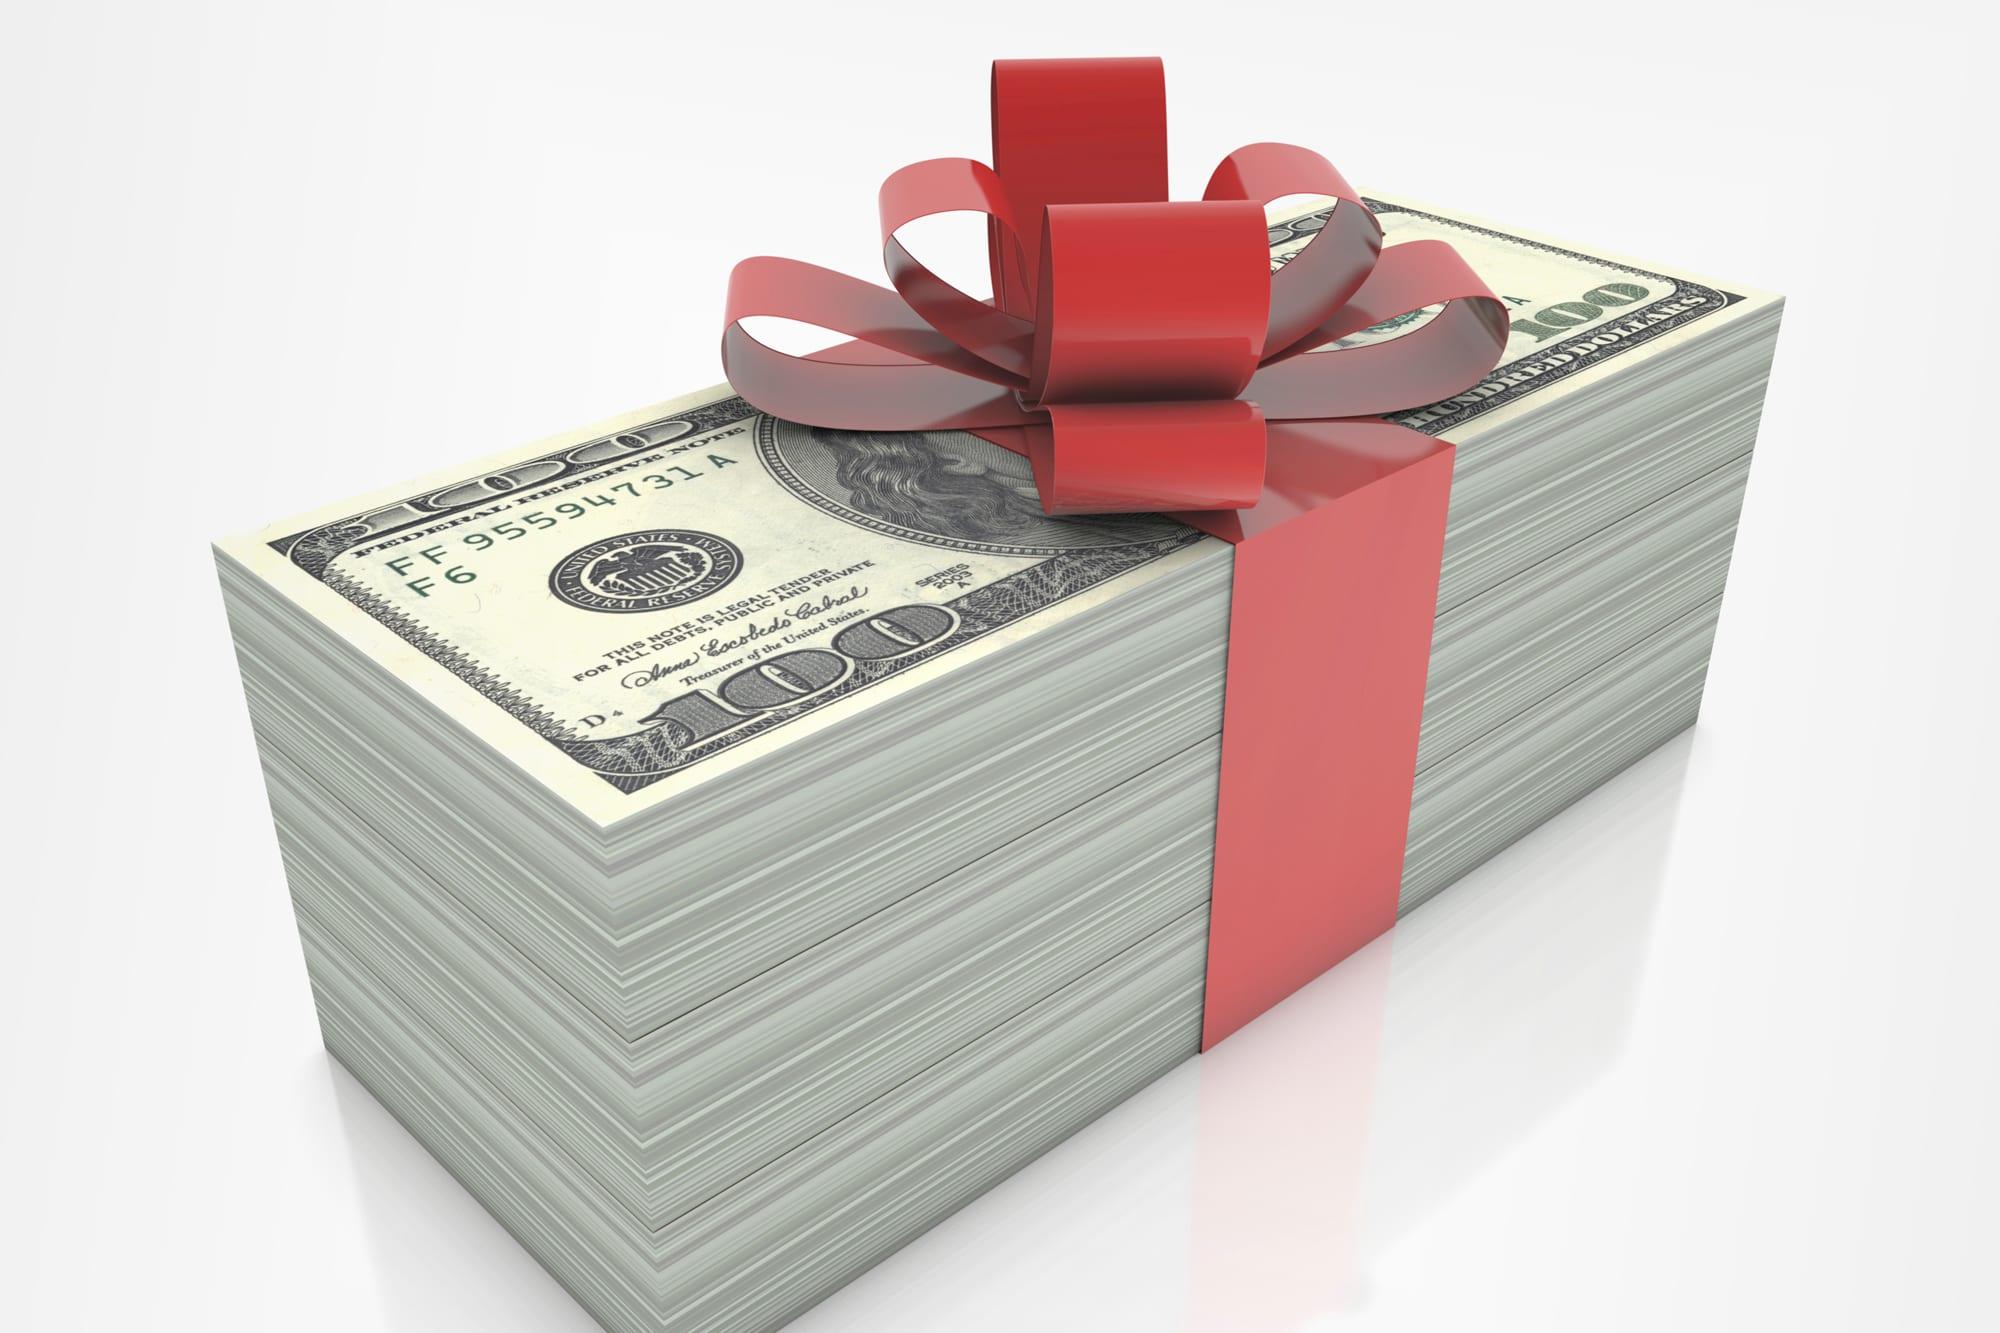 производятся картинки деньги или подарок извечный